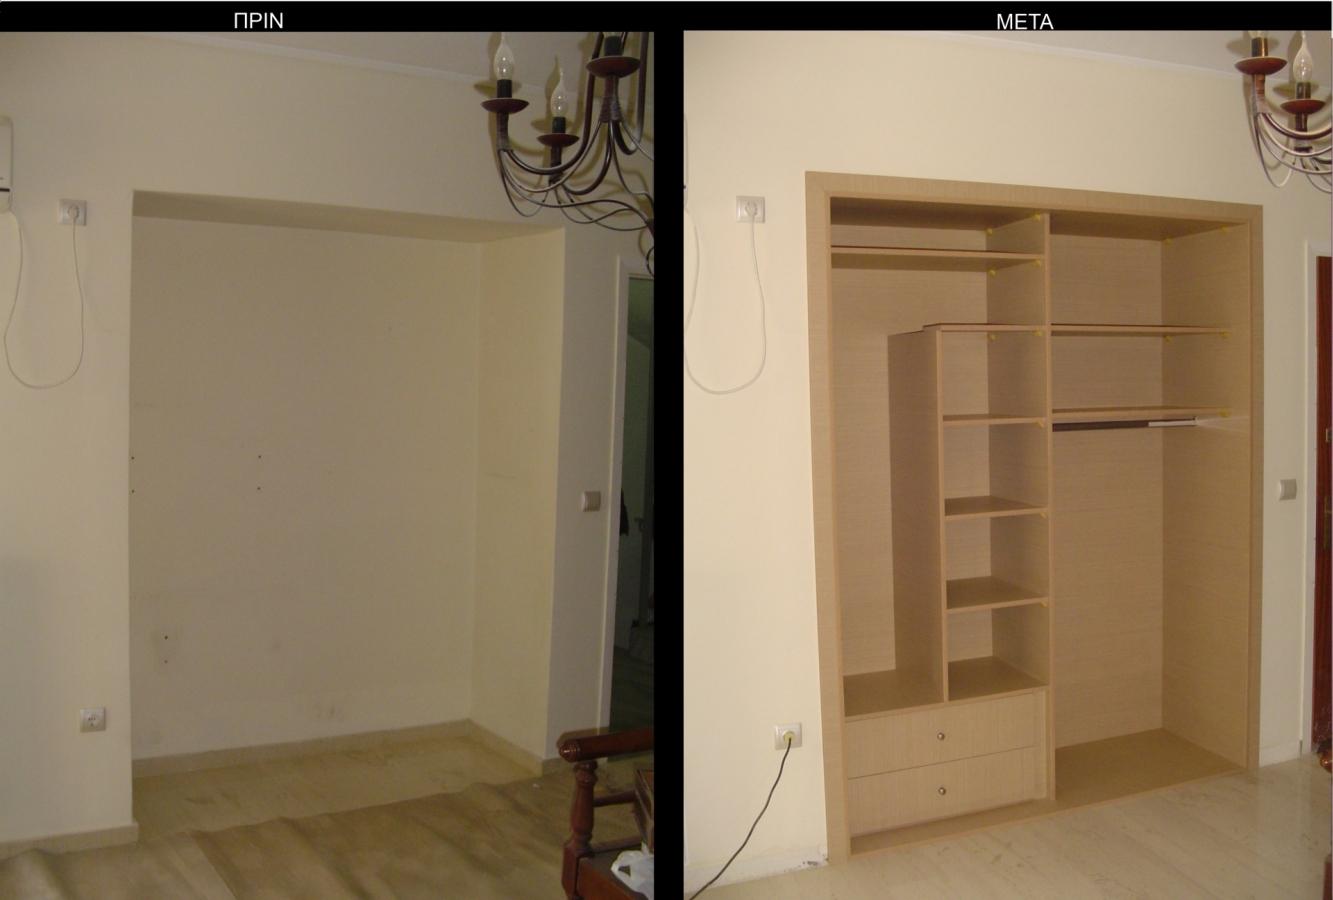 συρόμενη ντουλάπα πρίν και μετά.